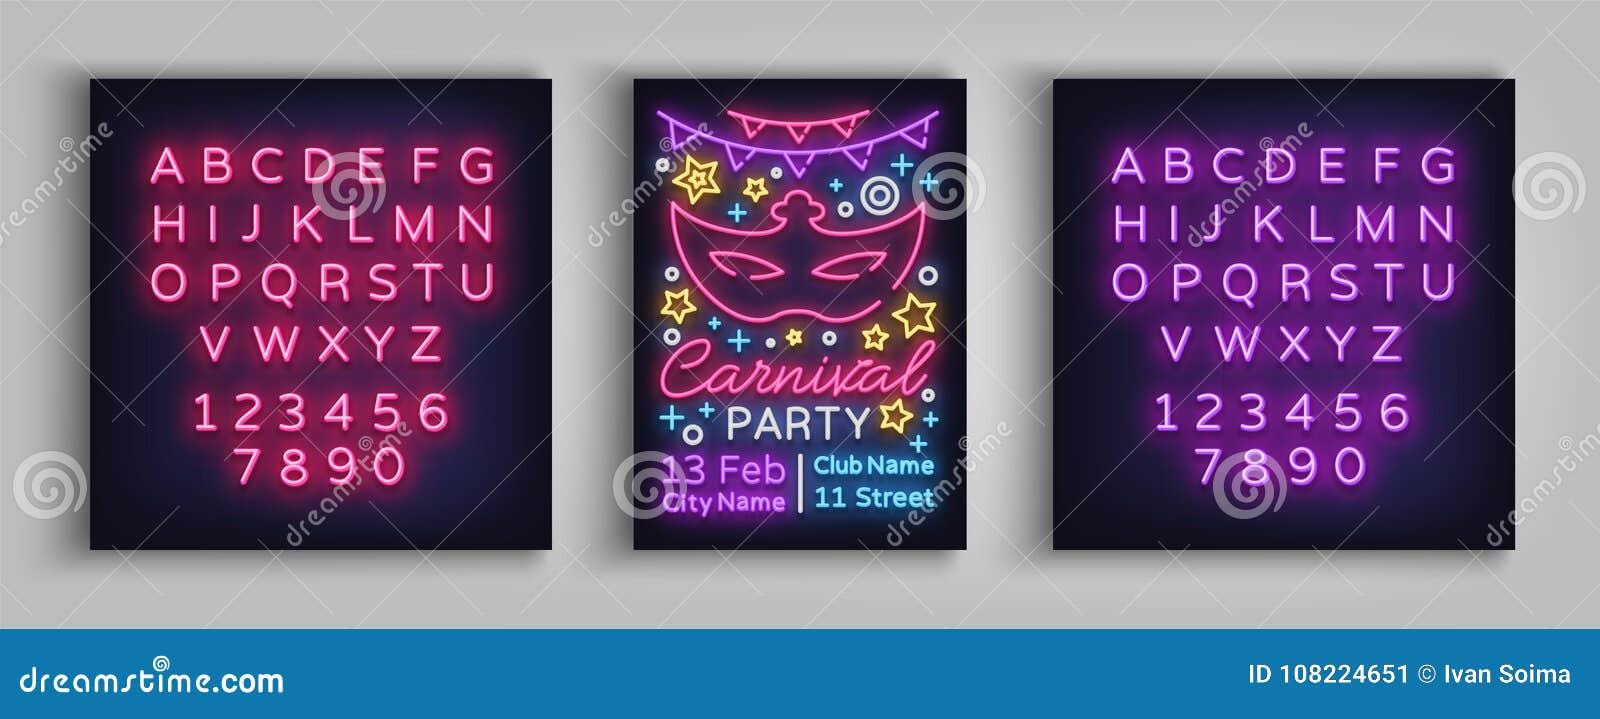 Karnevalspartei-Designschablone, Broschüre, Plakat in der Neonart Helle leuchtende Einladung an die Karnevalspartei